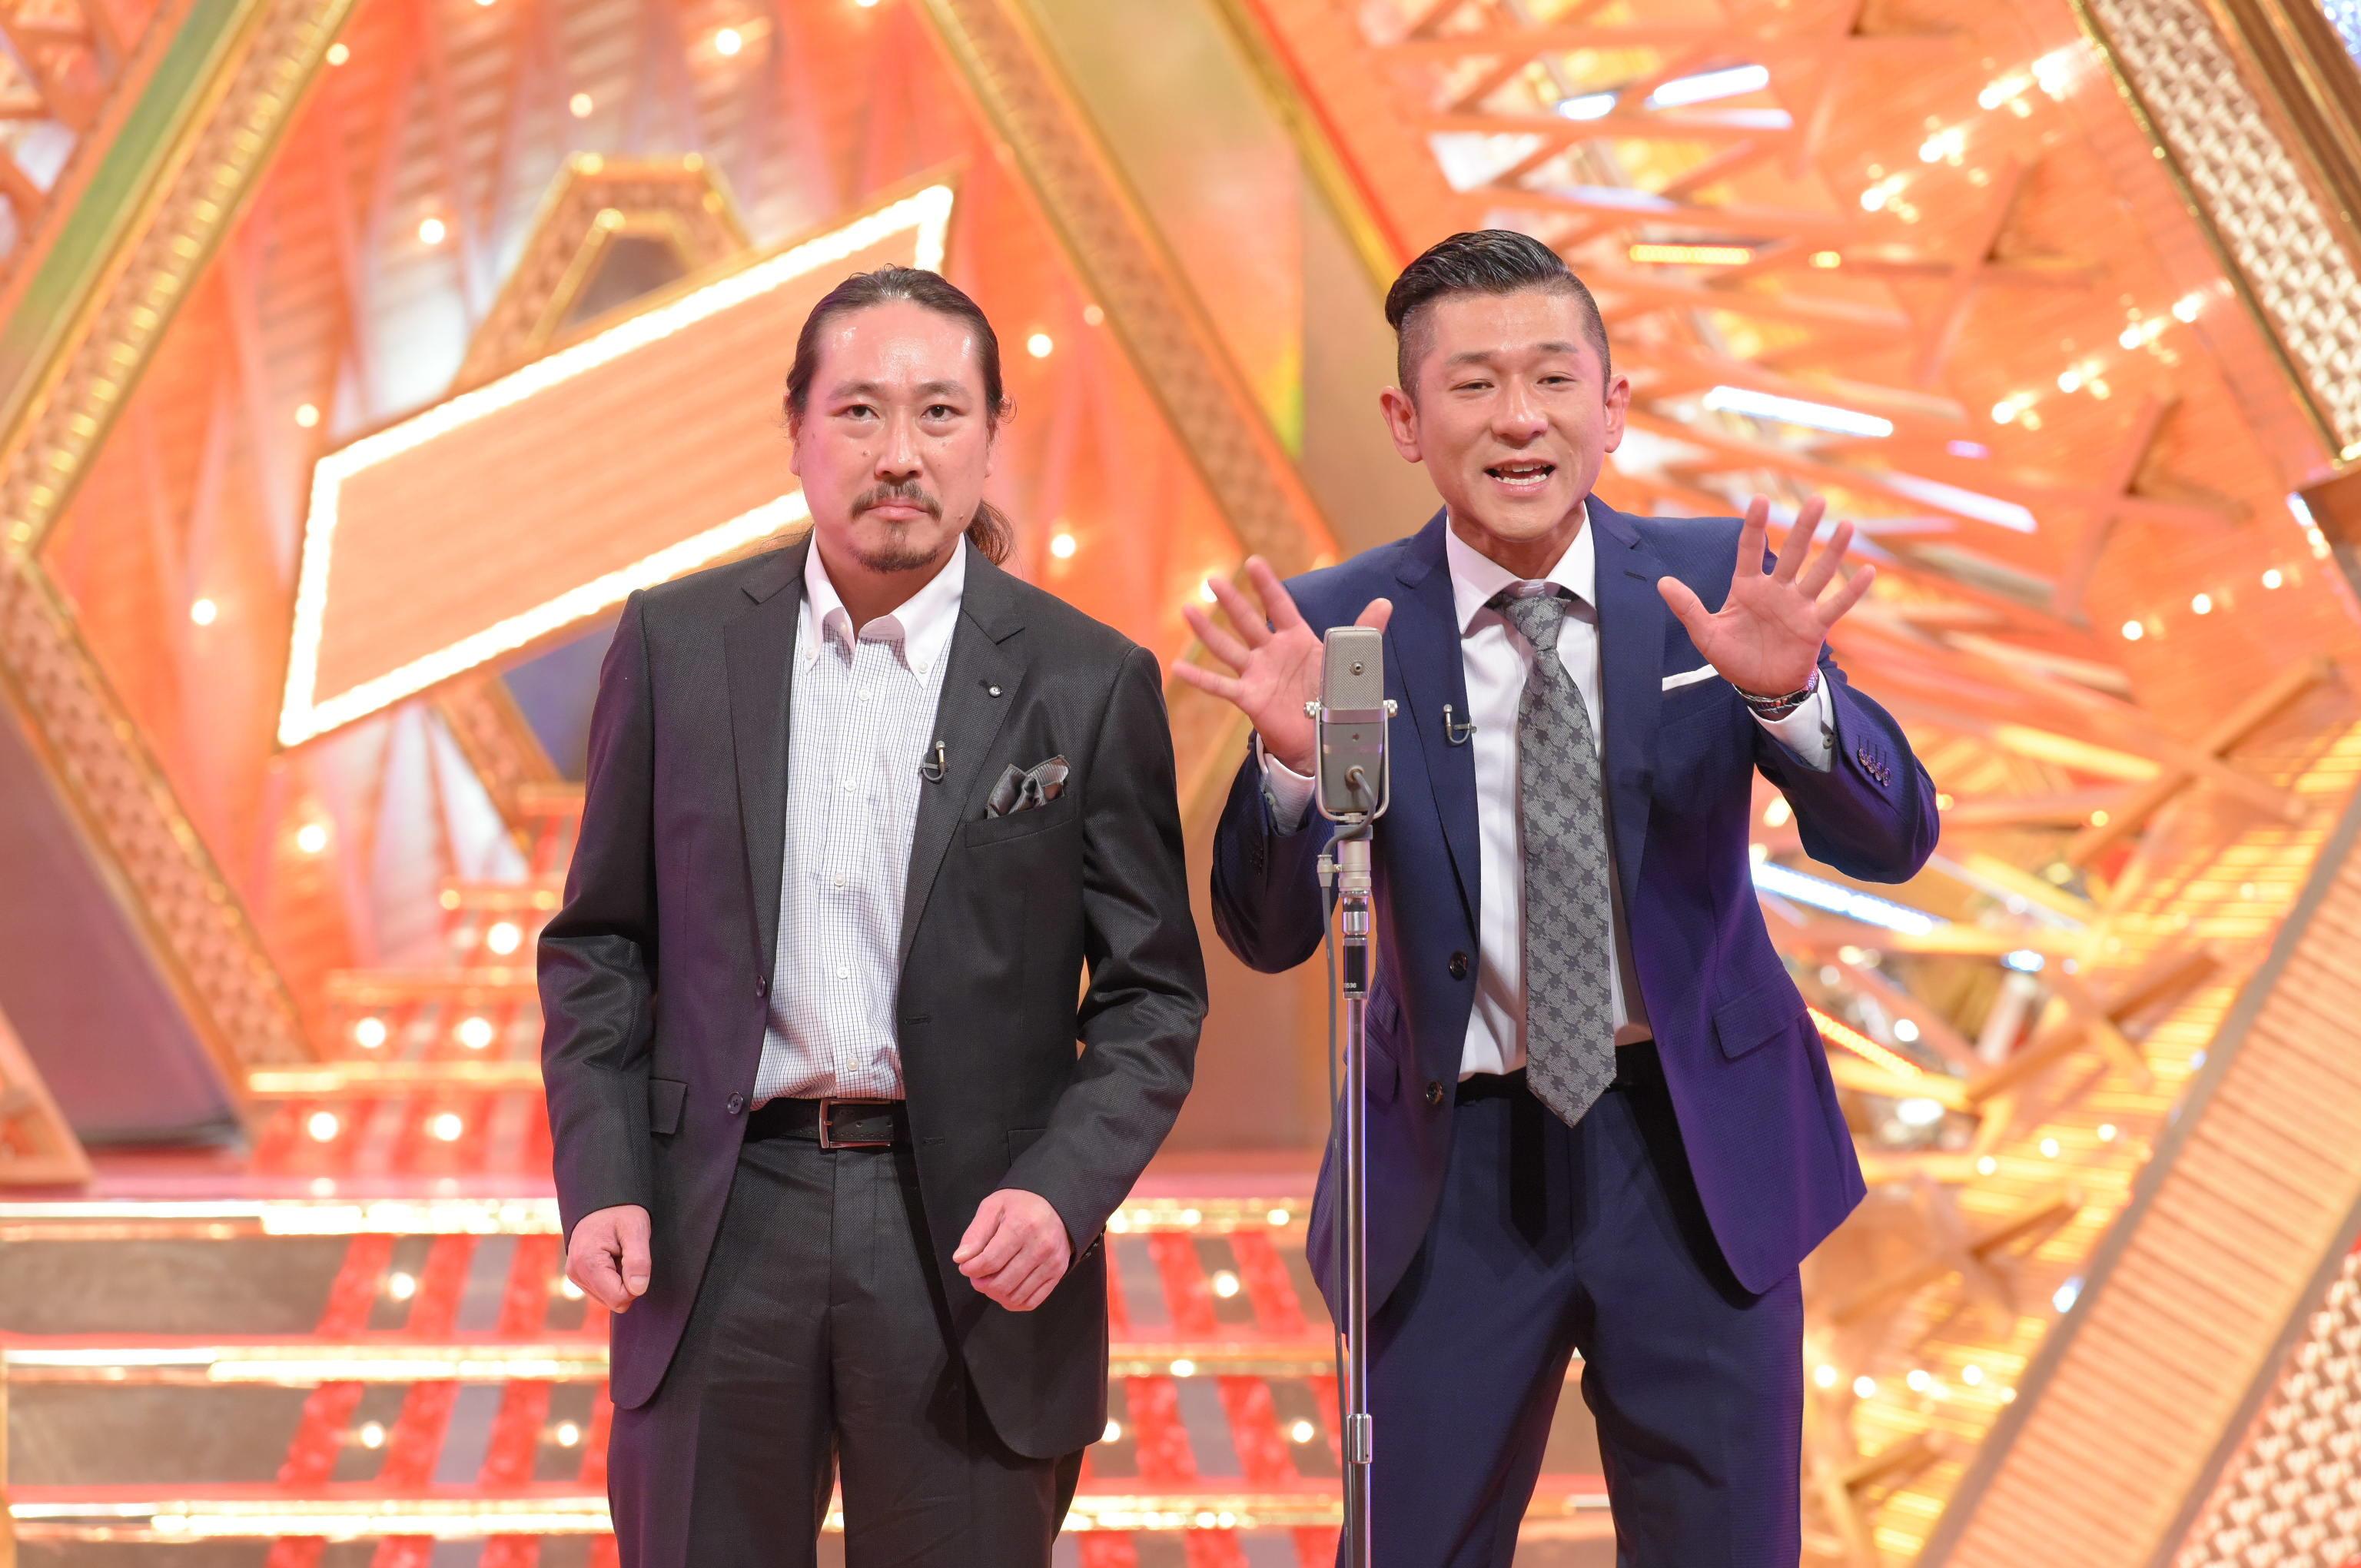 http://news.yoshimoto.co.jp/20170712103640-5708cdf3b4dab94658b101cc43a562b51ee4a38d.jpg